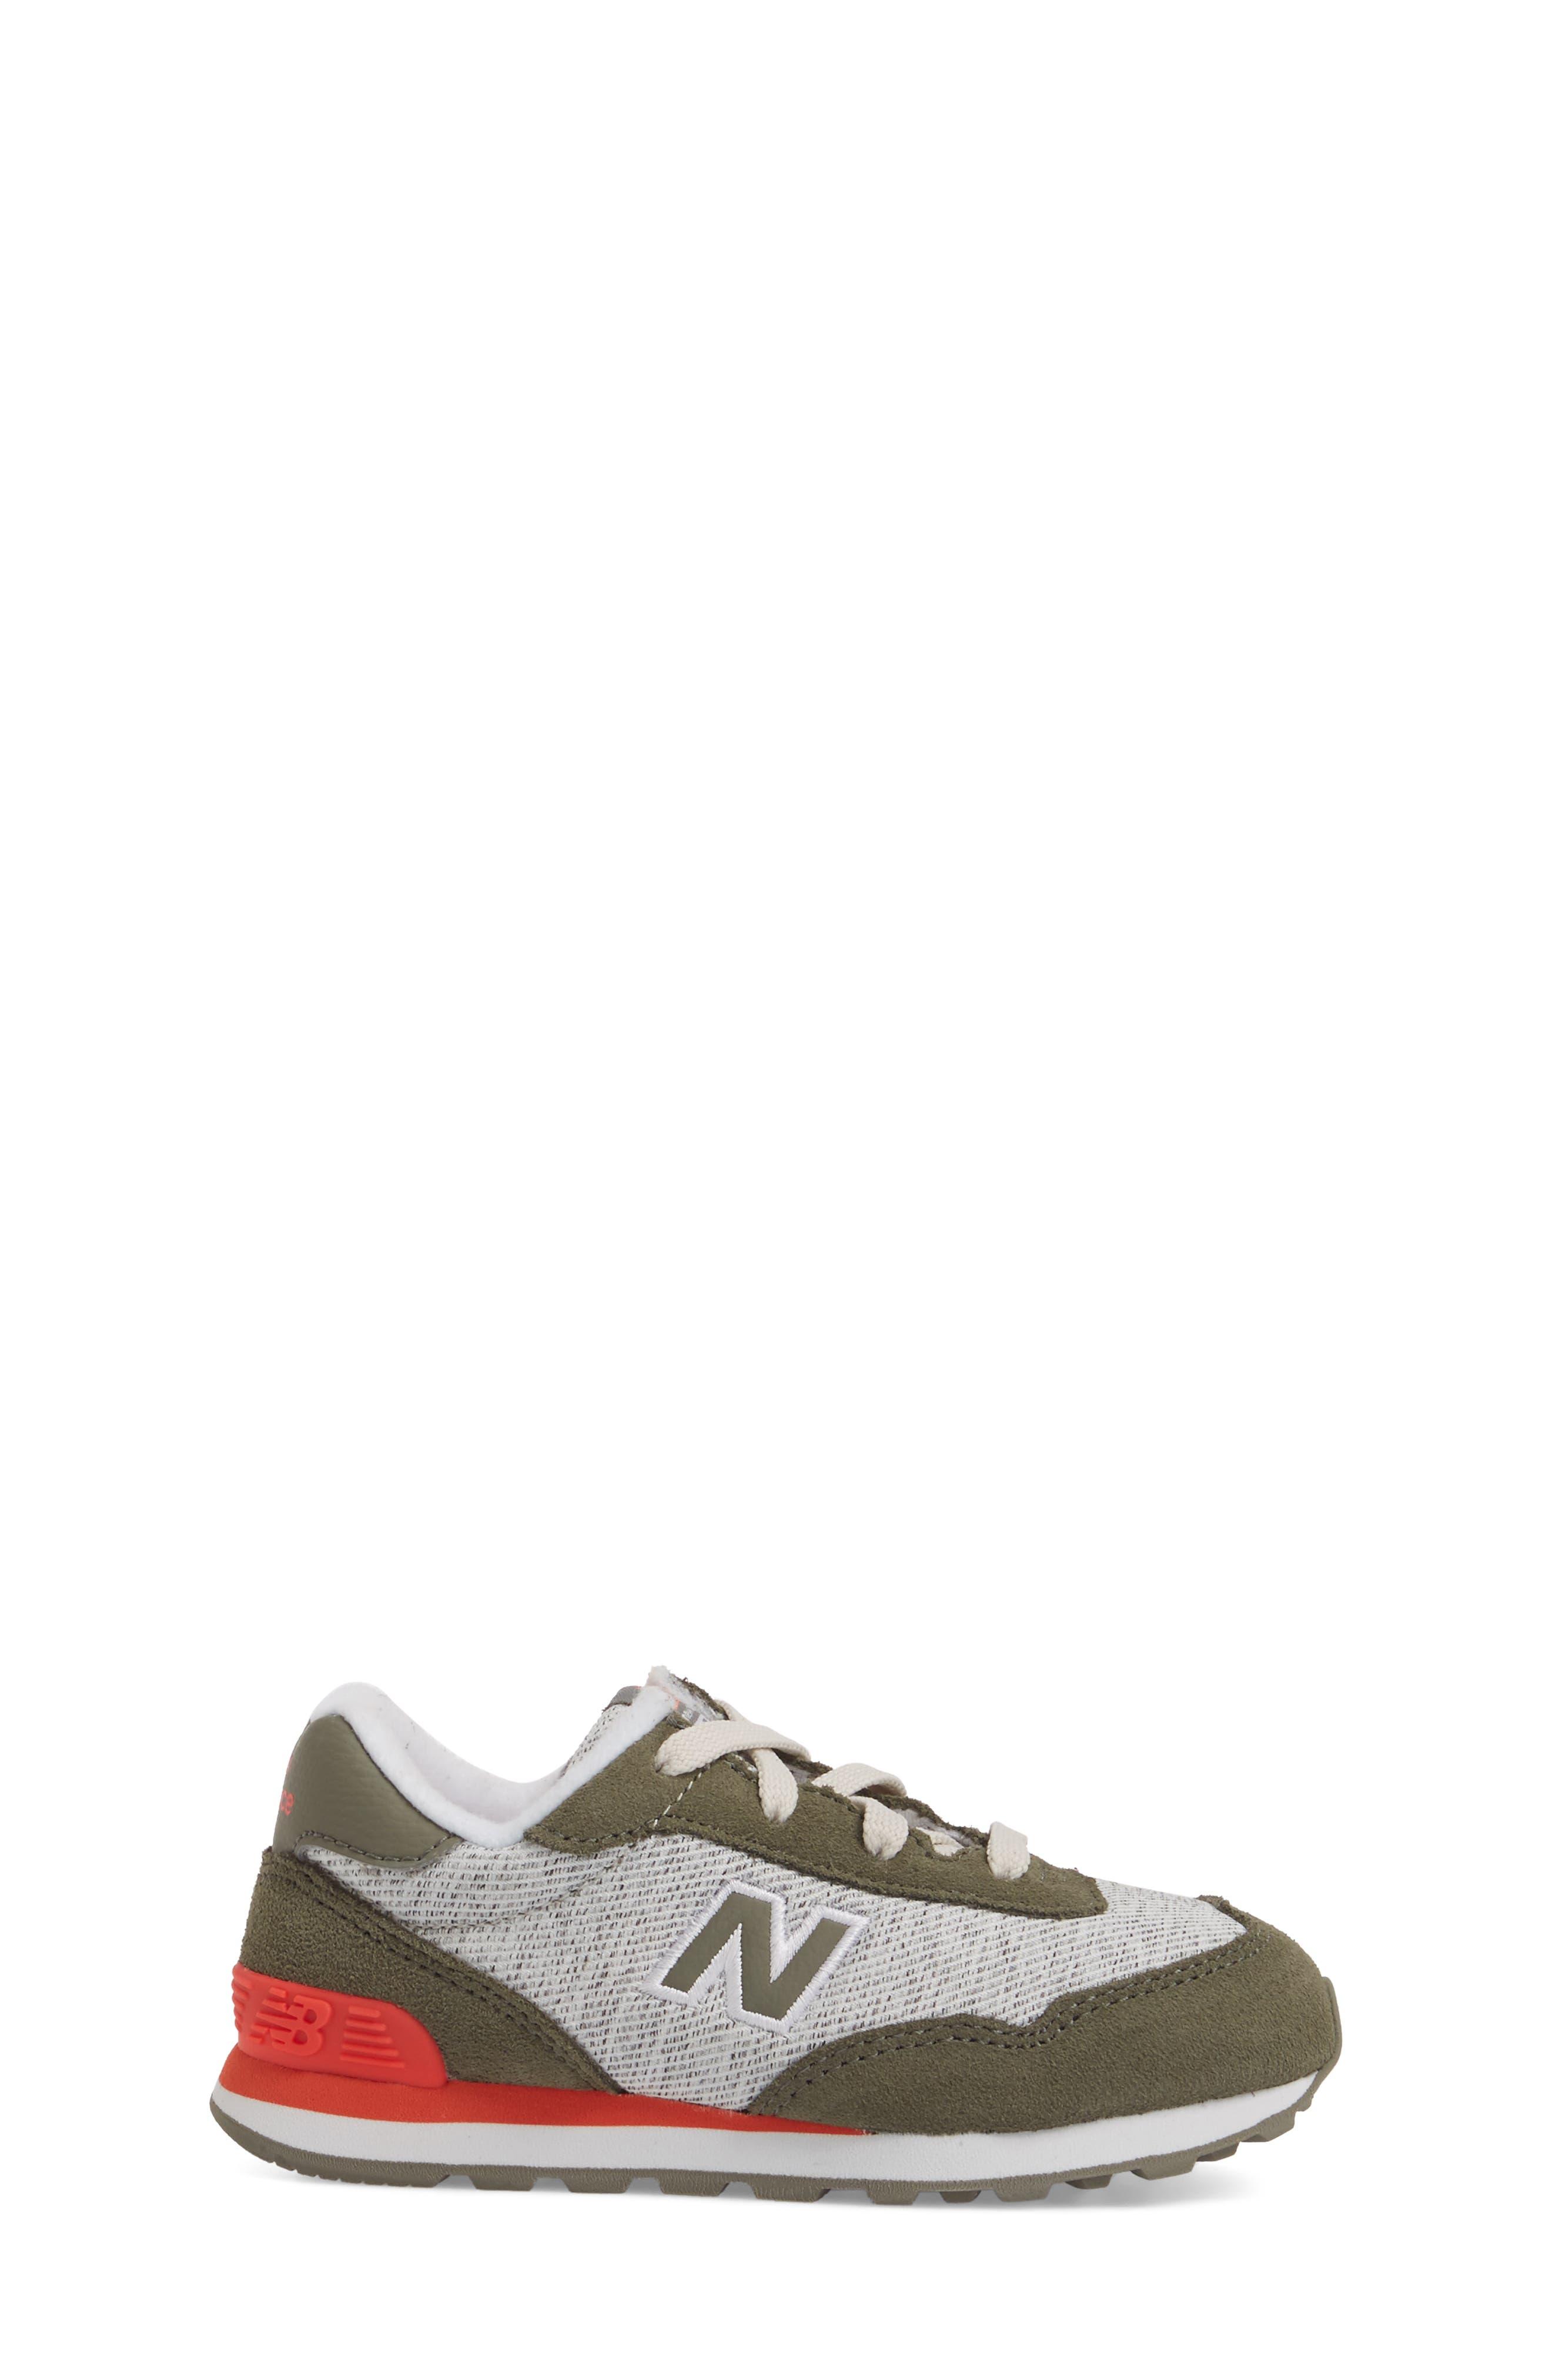 515 Sneaker,                             Alternate thumbnail 3, color,                             Green